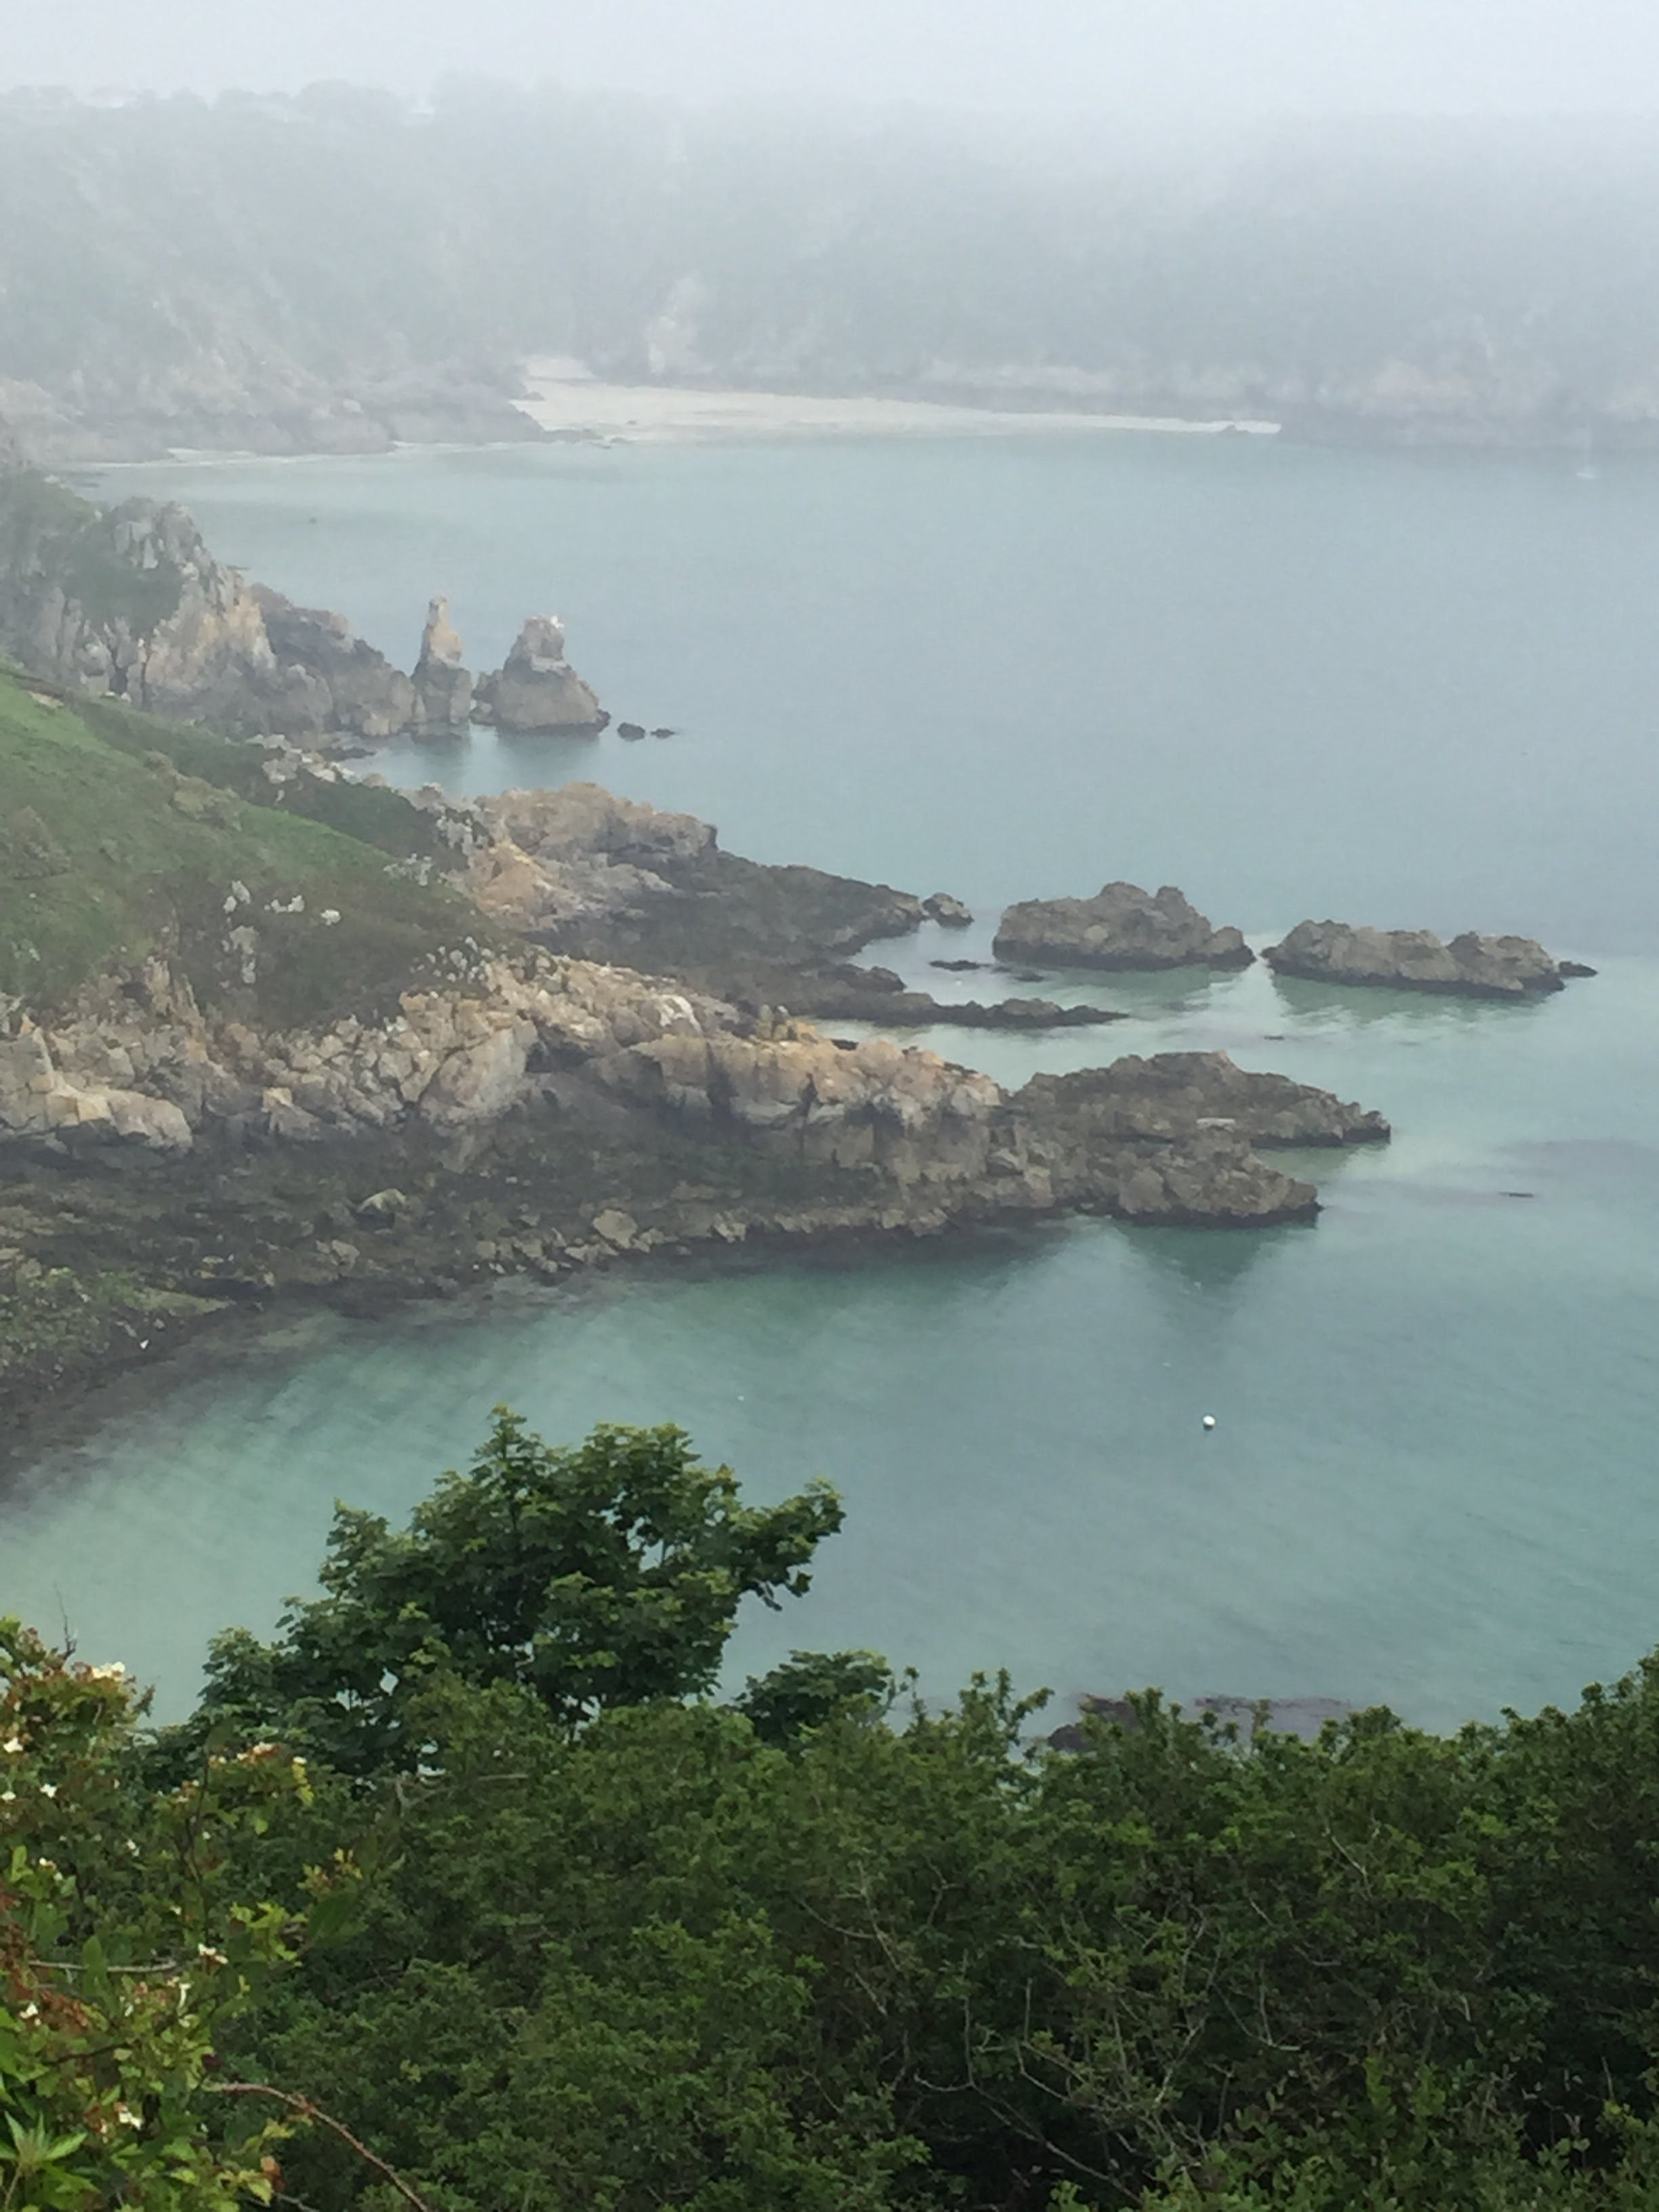 Free stock photo of cliffside, mist, rocks, sea